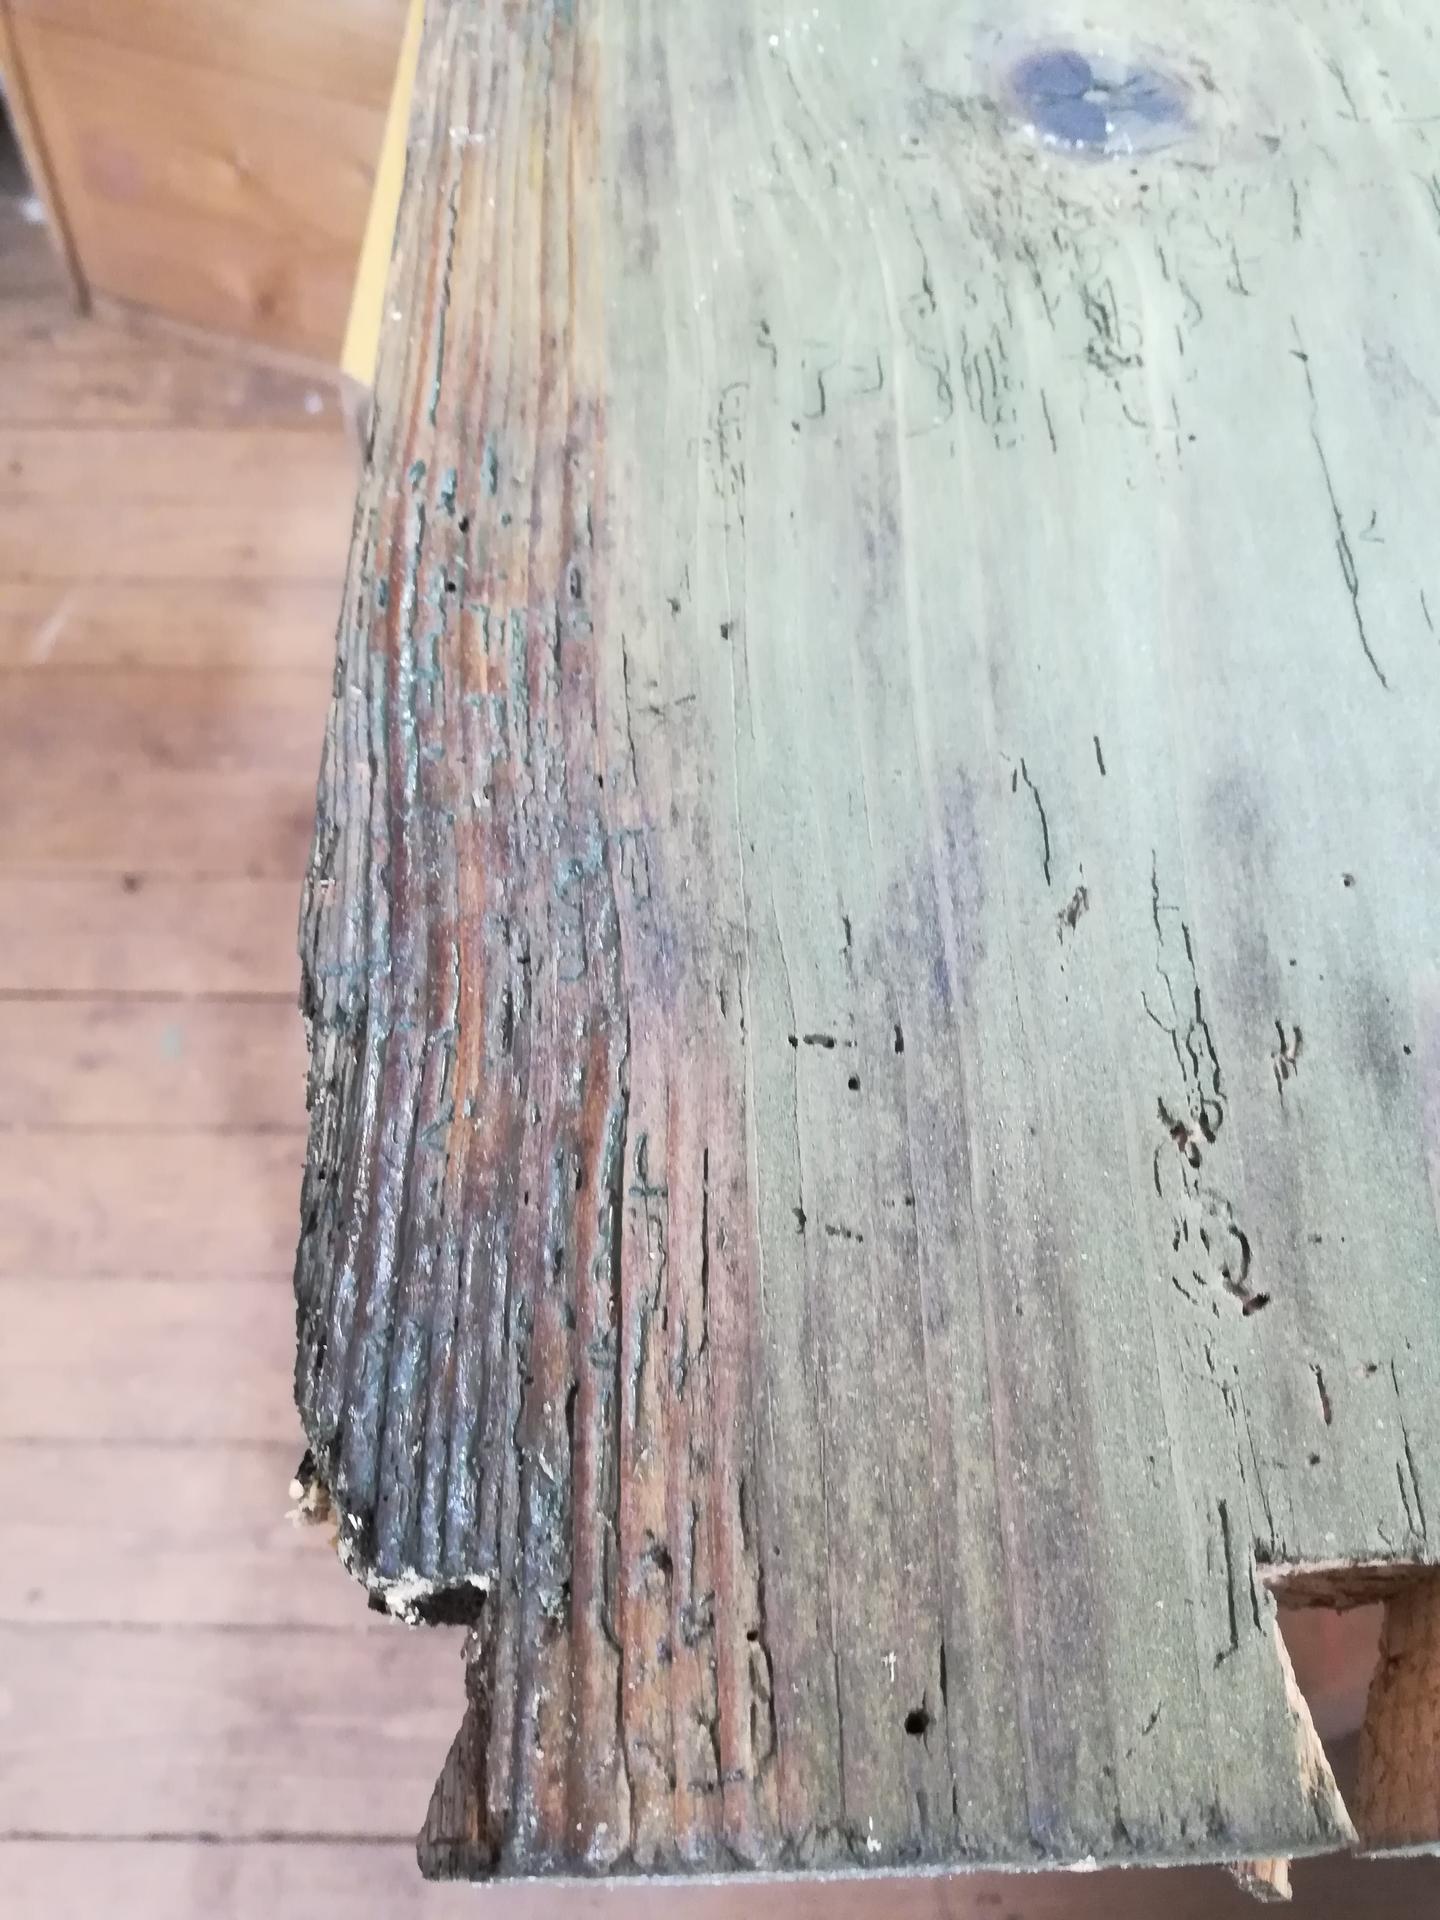 Storočná svadobná truhlica - Túto časť asi zrežem